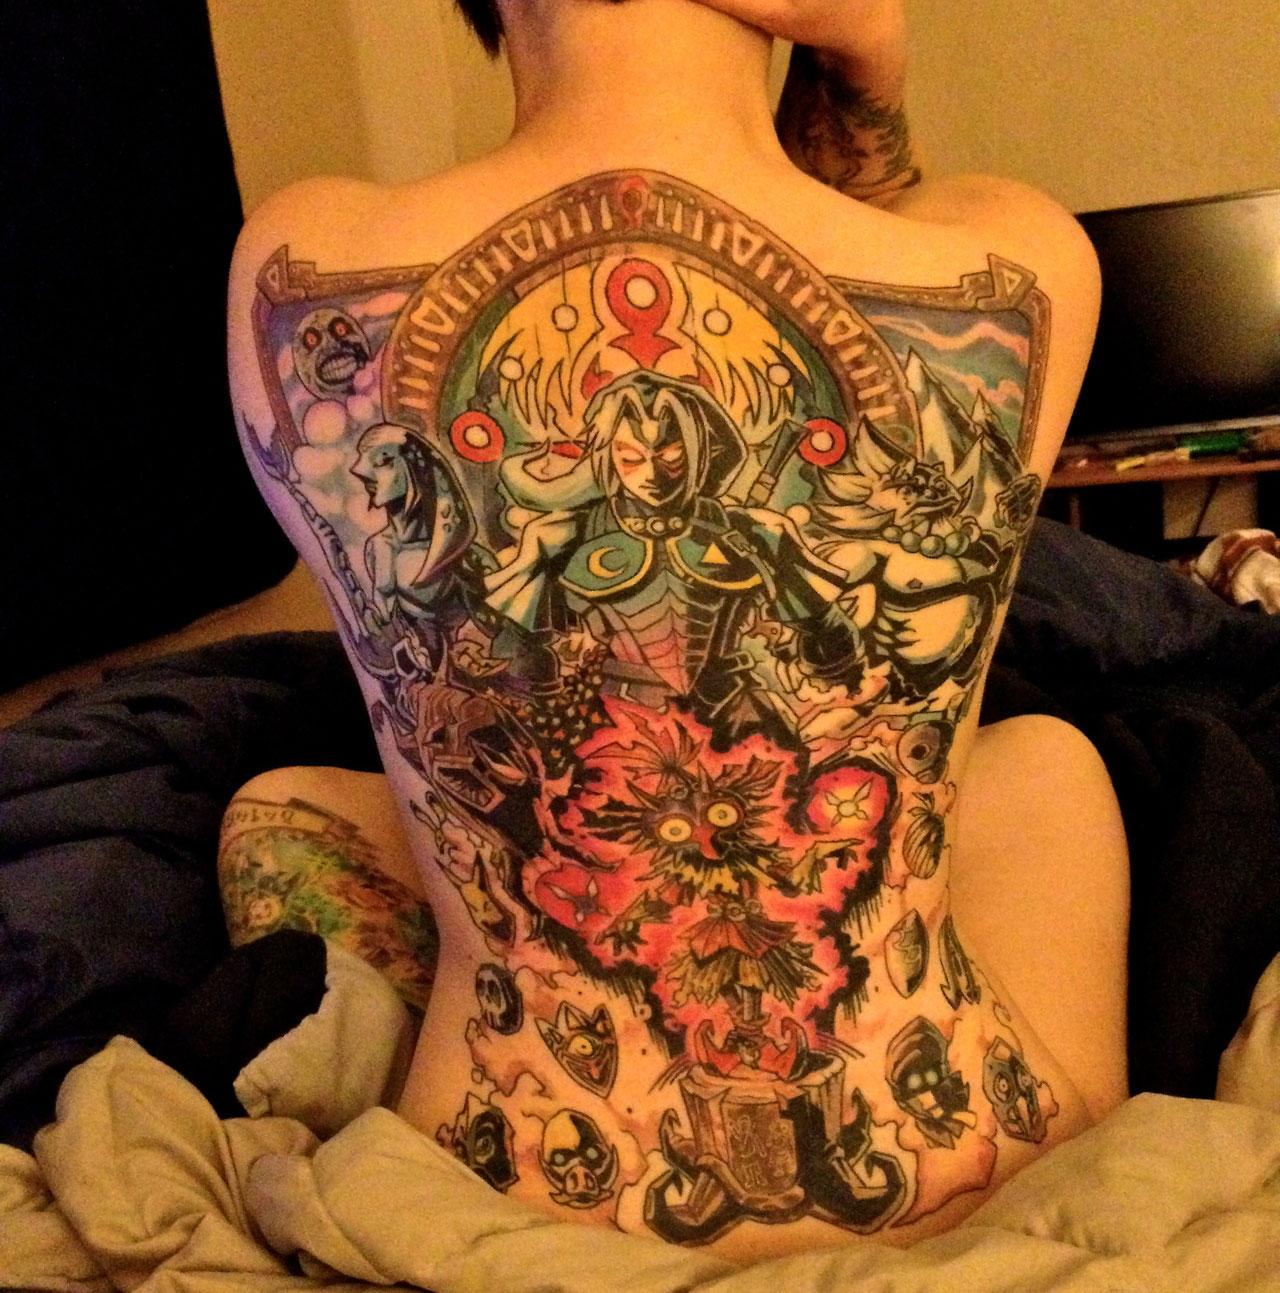 Un Tatouage Ulta Sexy De Zelda Page 1 Gamalive